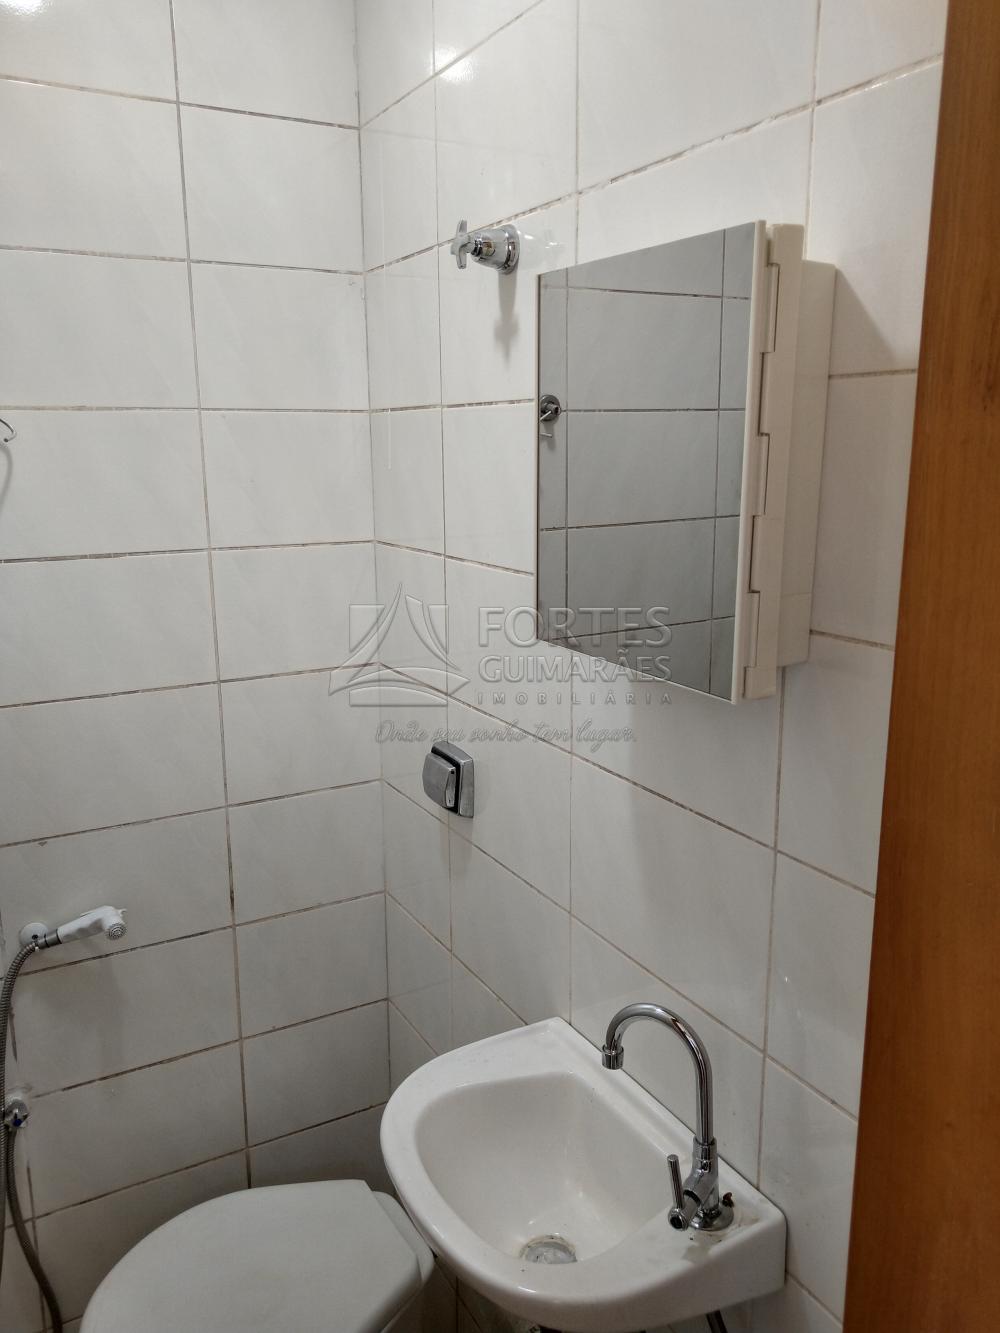 Alugar Apartamentos / Padrão em Ribeirão Preto apenas R$ 1.600,00 - Foto 35